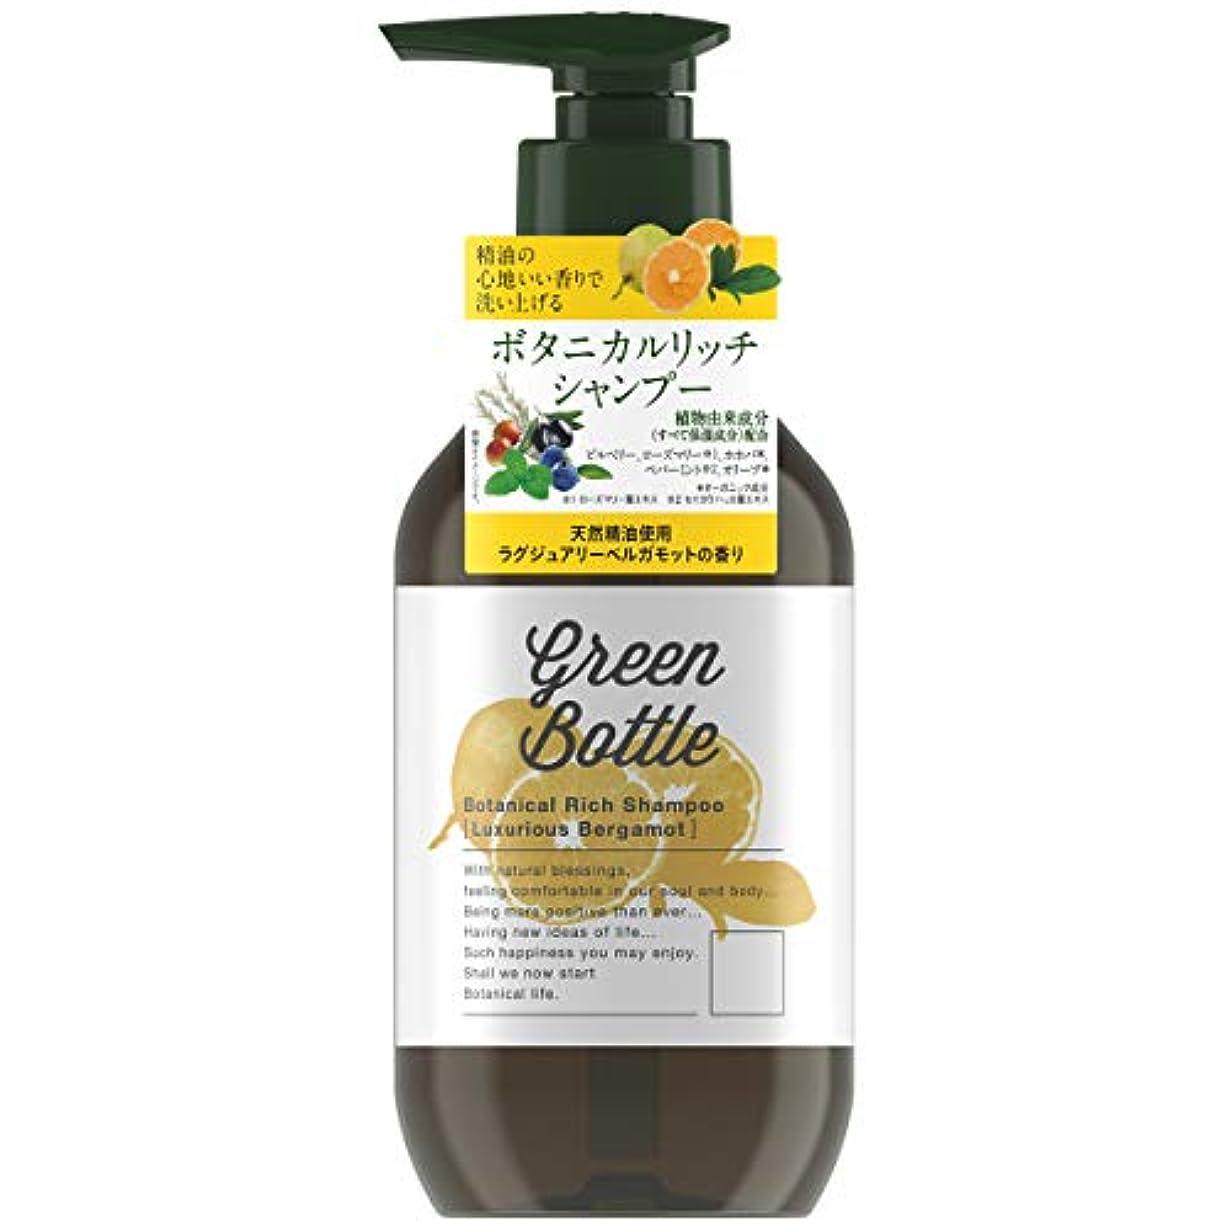 ストラップ燃料歯痛グリーンボトルボタニカルリッチシャンプー(ラグジュアリーベルガモットの香り) 490ml